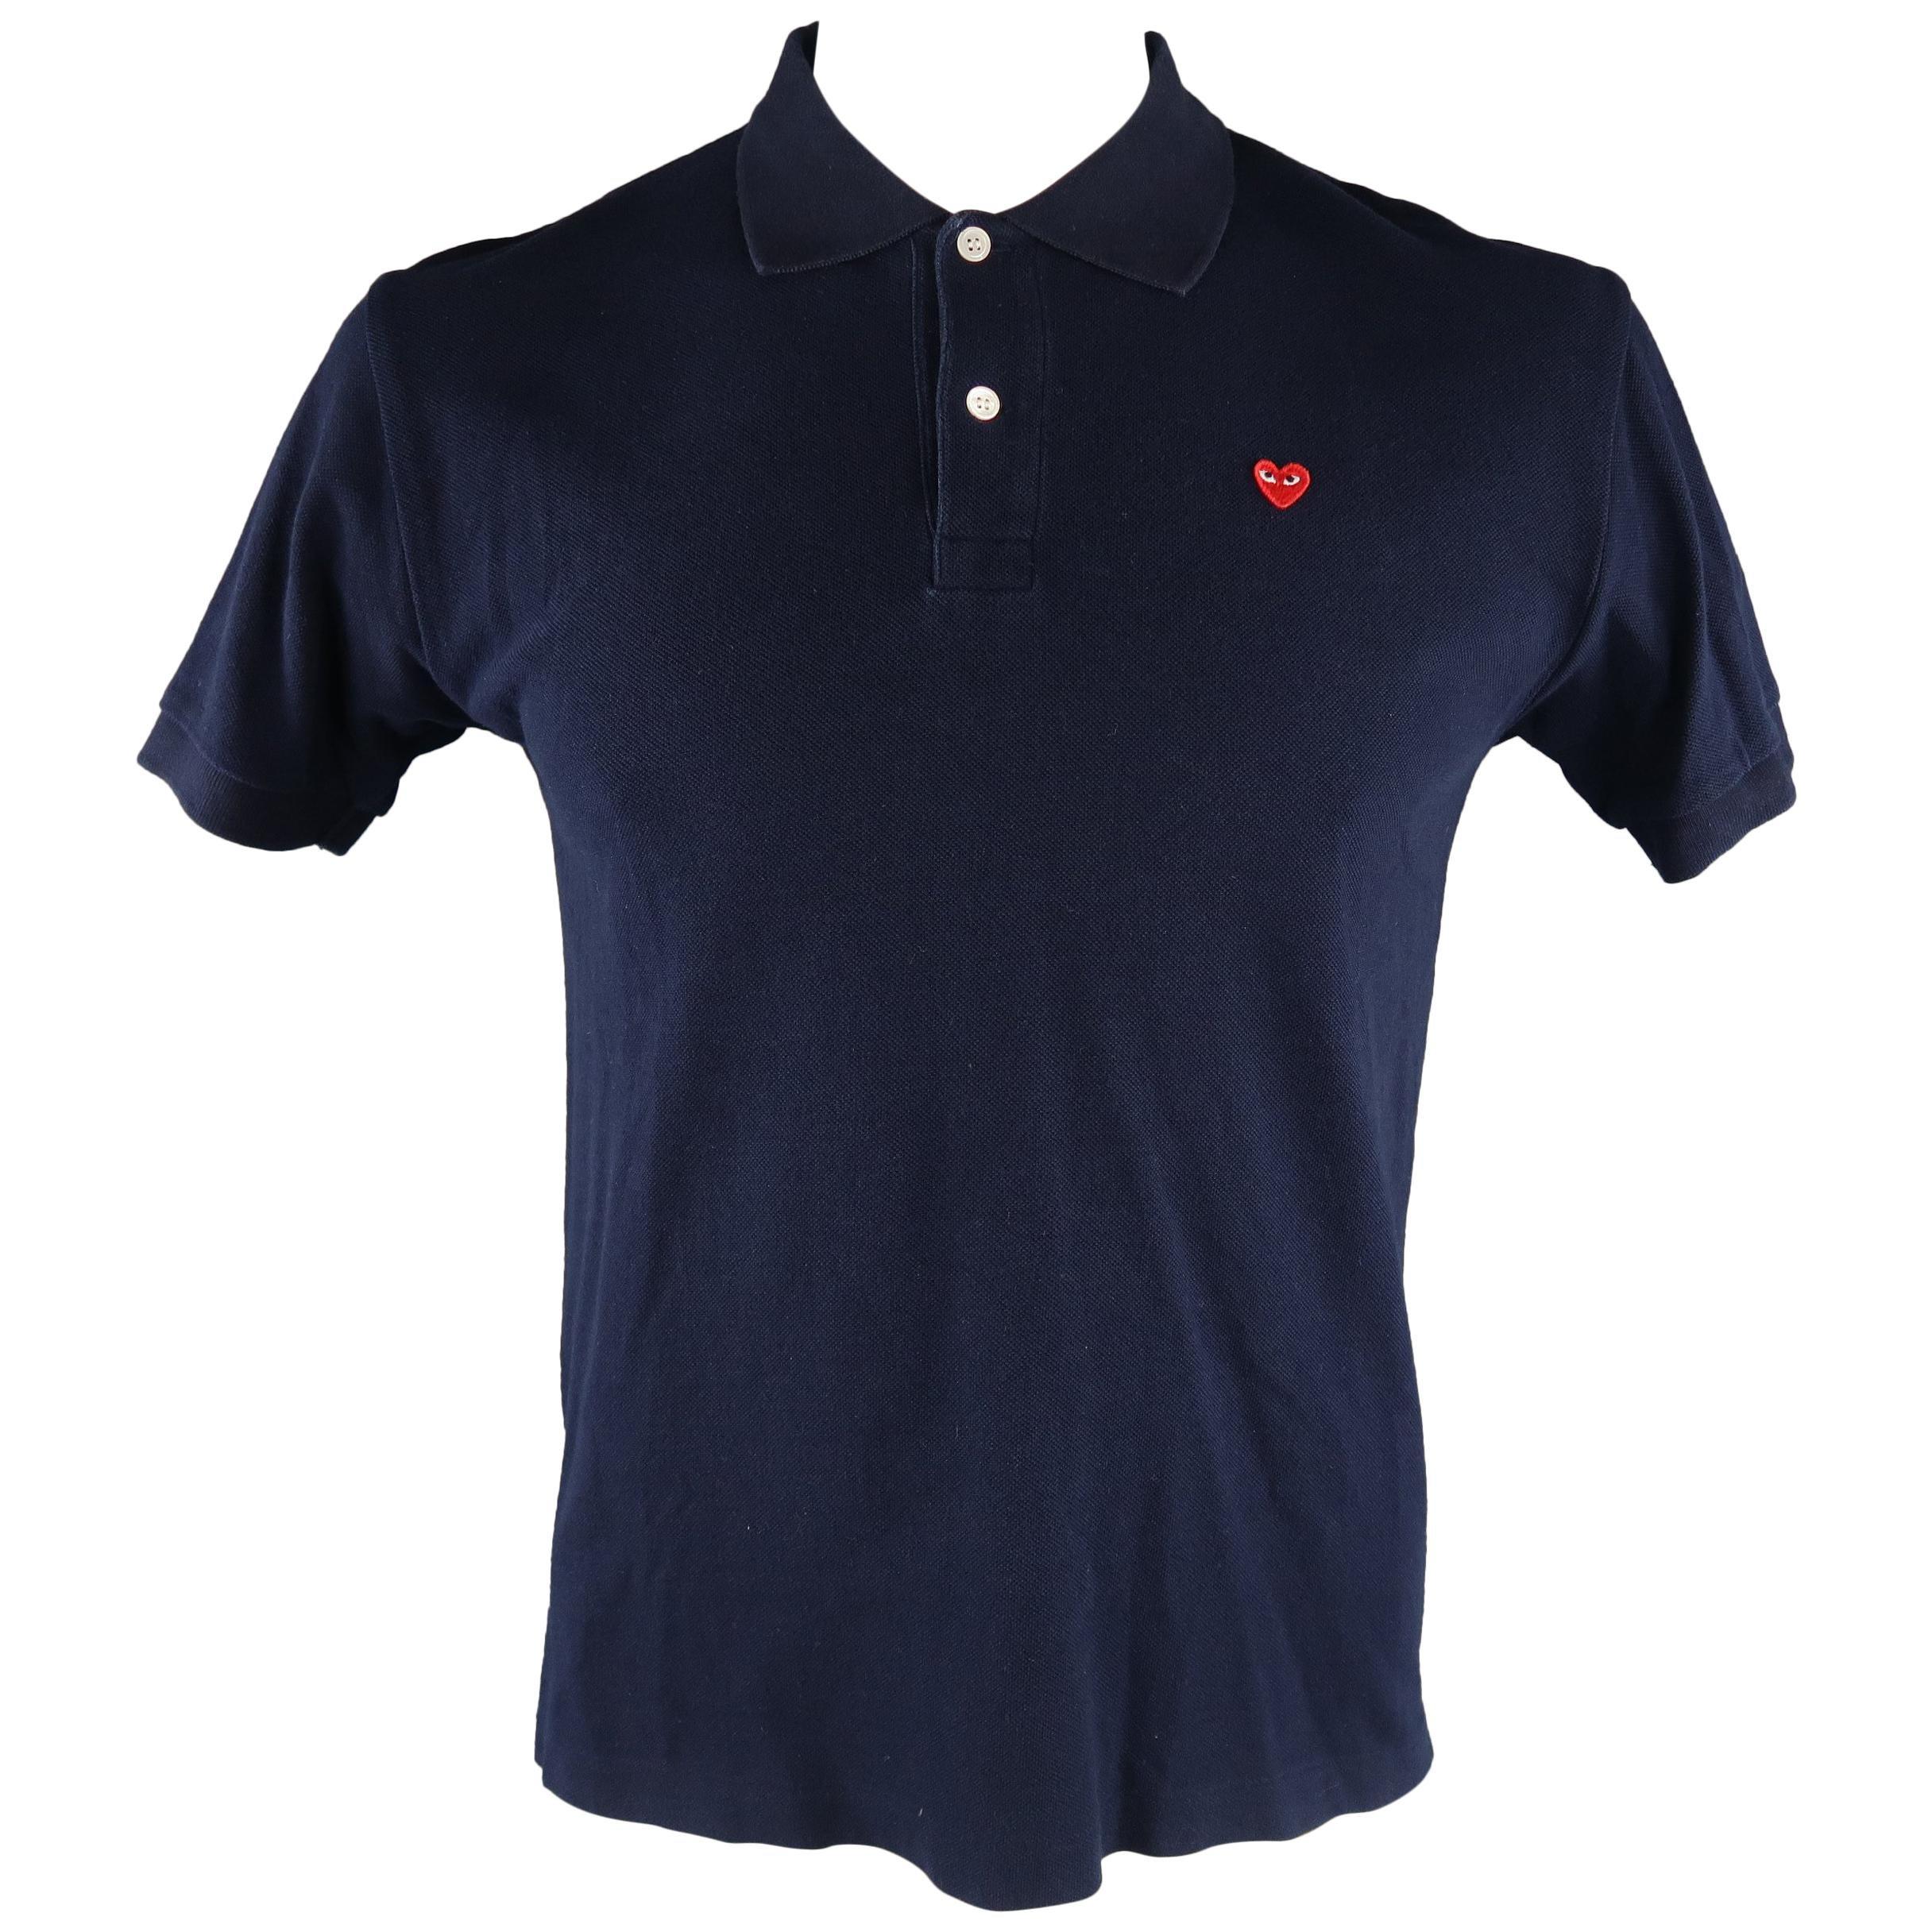 c9124e05bbb COMME des GARCONS HOMME PLUS Size M Black Cotton Stripe Seam Crew-Neck T-shirt  For Sale at 1stdibs